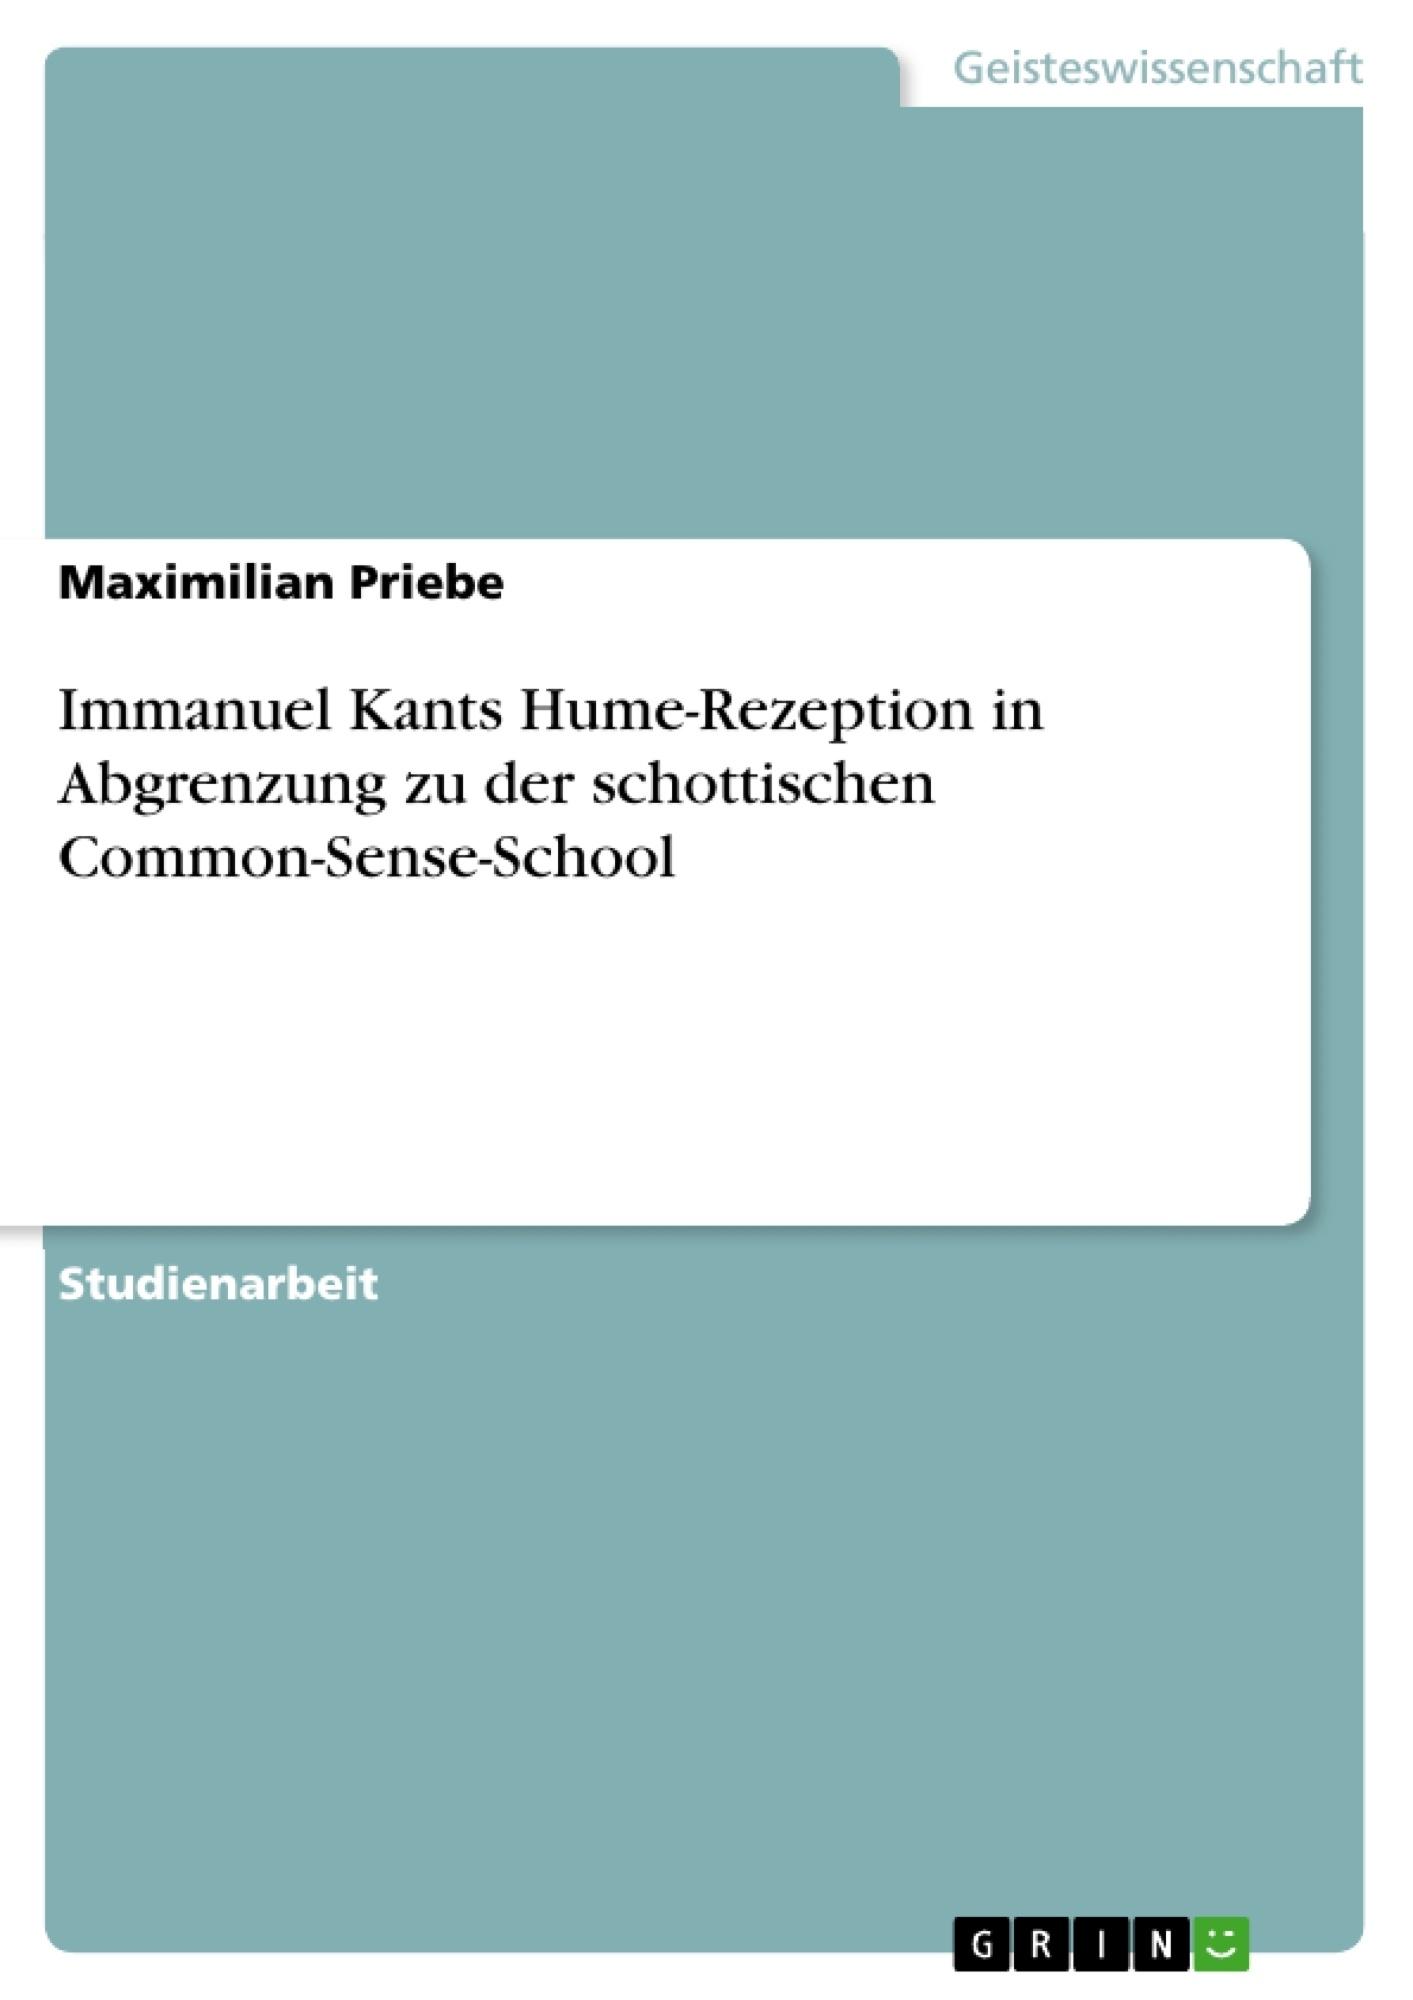 Titel: Immanuel Kants Hume-Rezeption in Abgrenzung zu der schottischen Common-Sense-School